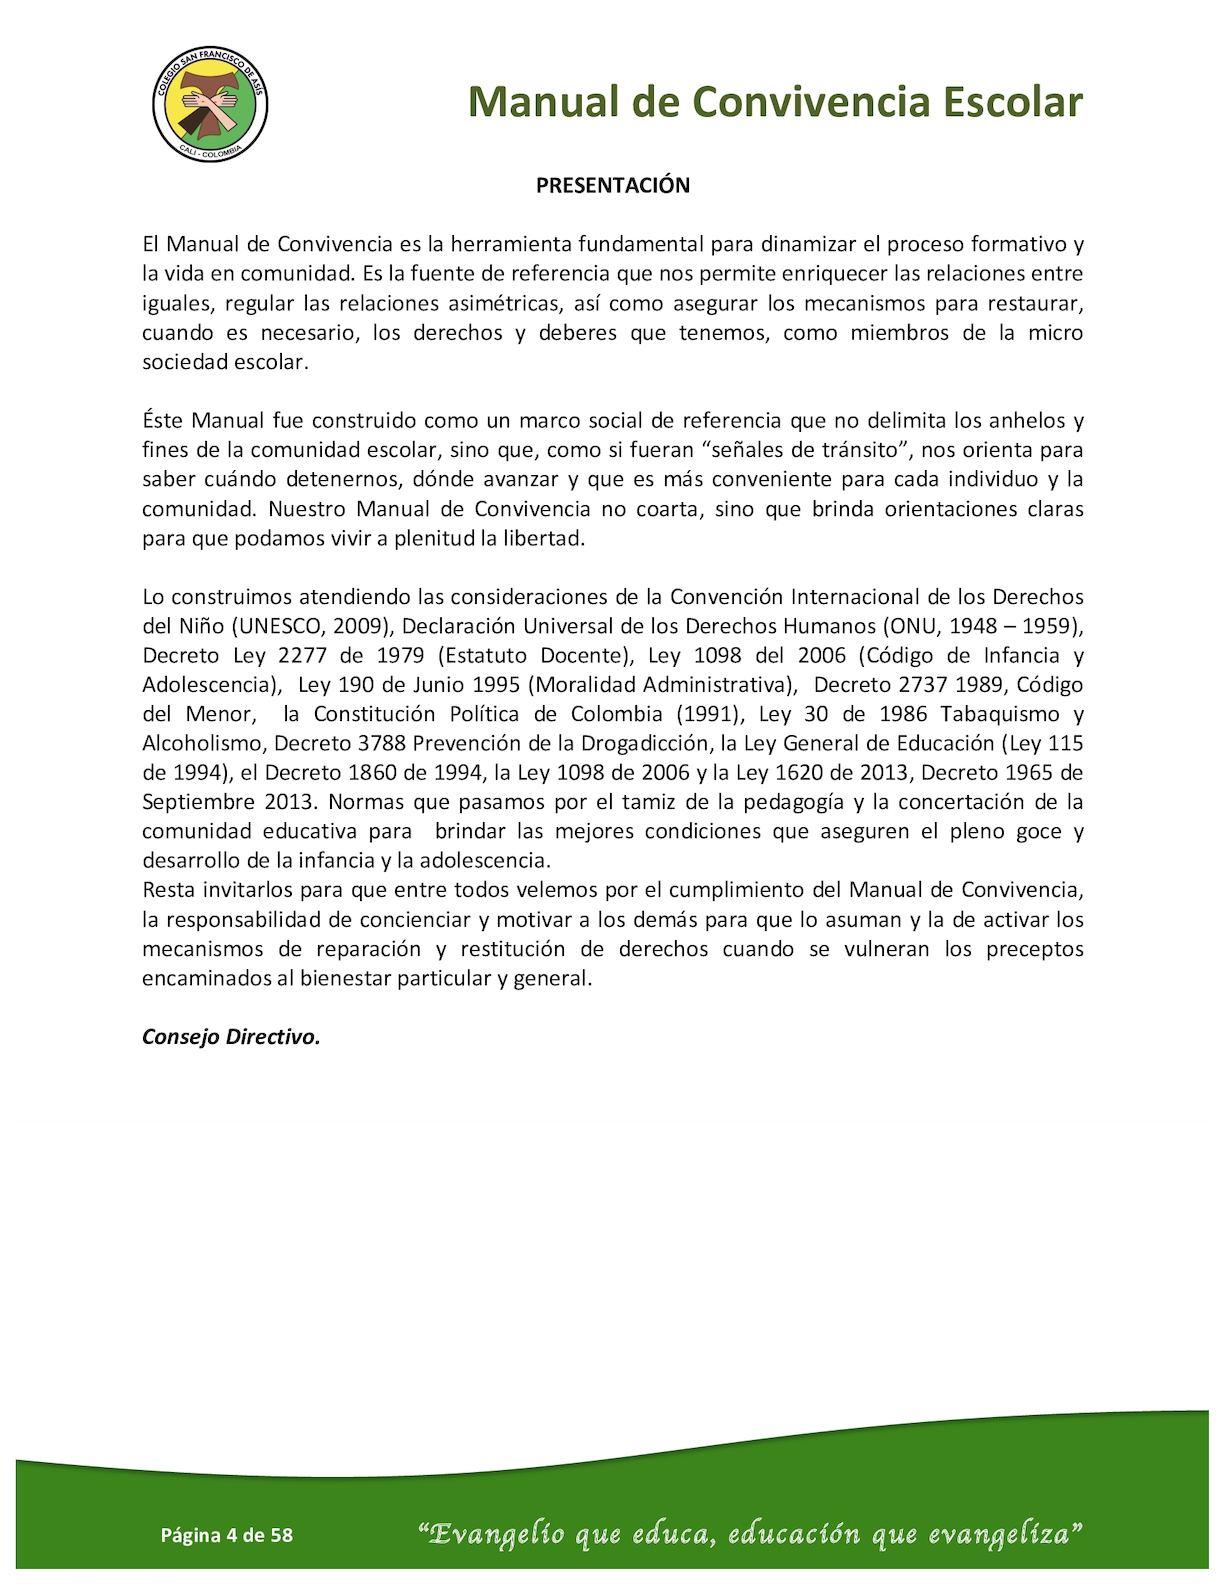 Manual De Convivencia Escolar 2016 2017 - CALAMEO Downloader